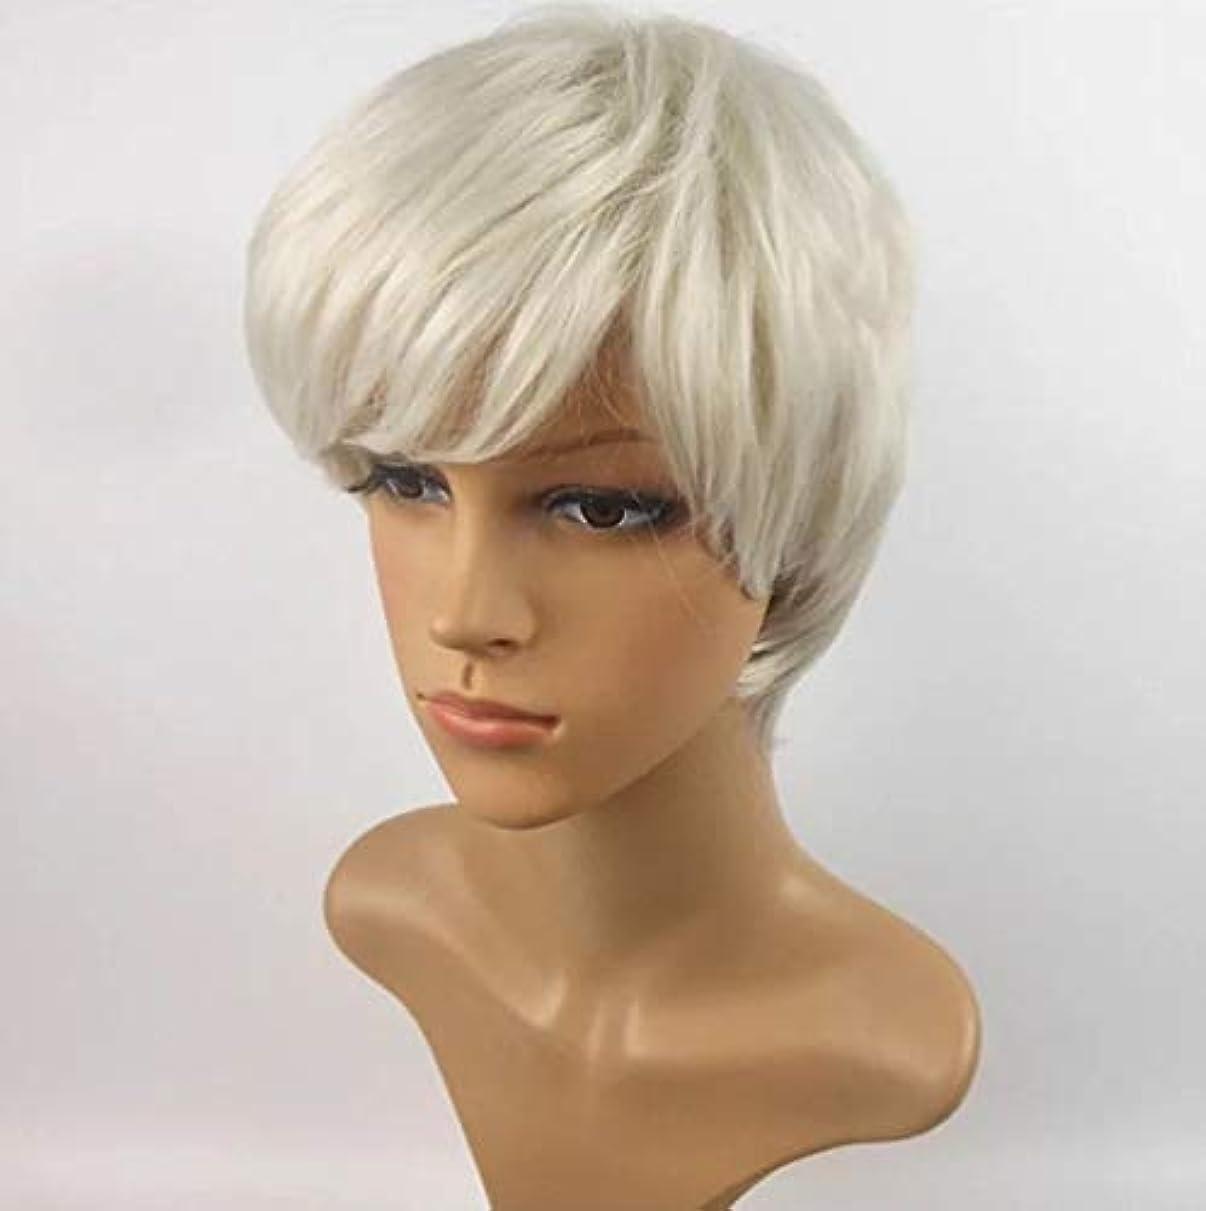 百年率直な遺産Kerwinner 短い巻き毛のかつら髪かつら女性のための自然な耐熱フルウィッグ (Color : White)